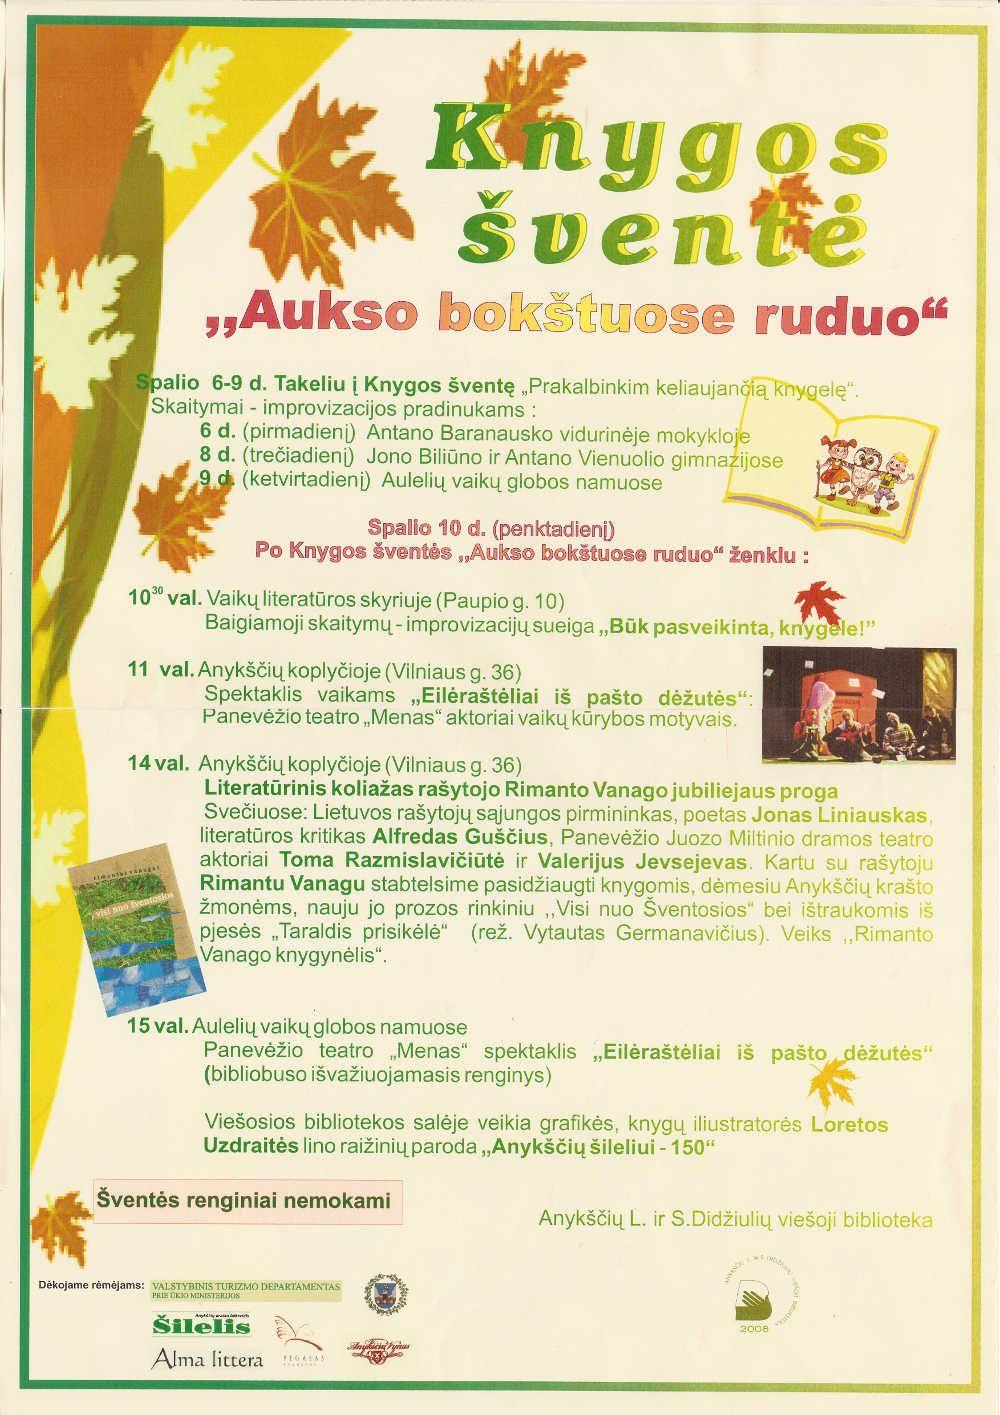 """Takeliu į knygos šventę """"Prakalbinkim keliaujančią knygelę"""" / Skaitymai - improvizacijos pradinukams Jono Biliūno ir Antano Vienuolio gimnazijose"""